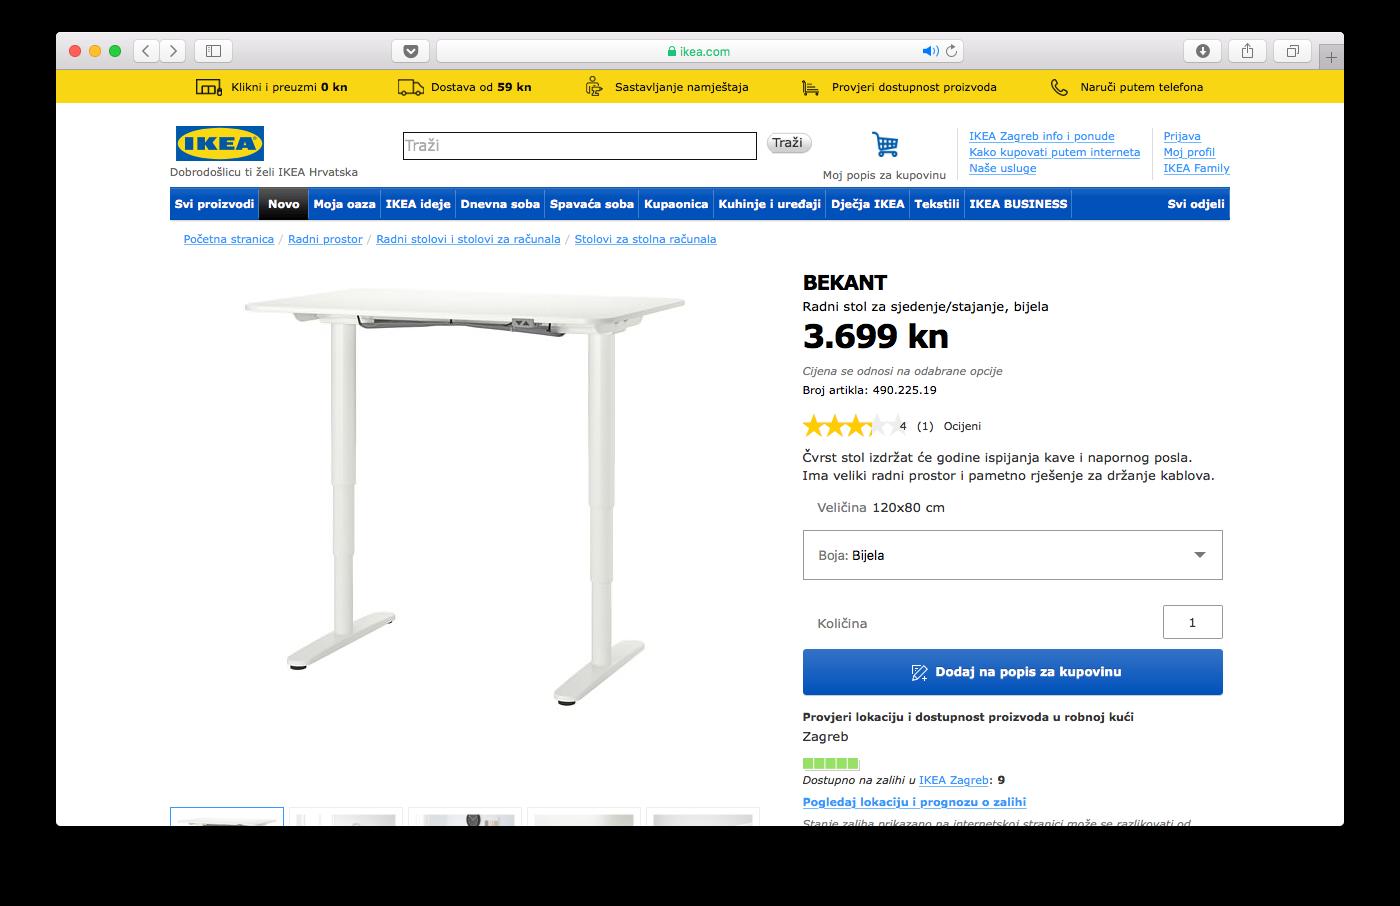 Kako Kupovati U Ikea Webshopu Vodic Od 6 Koraka Sa Slikama